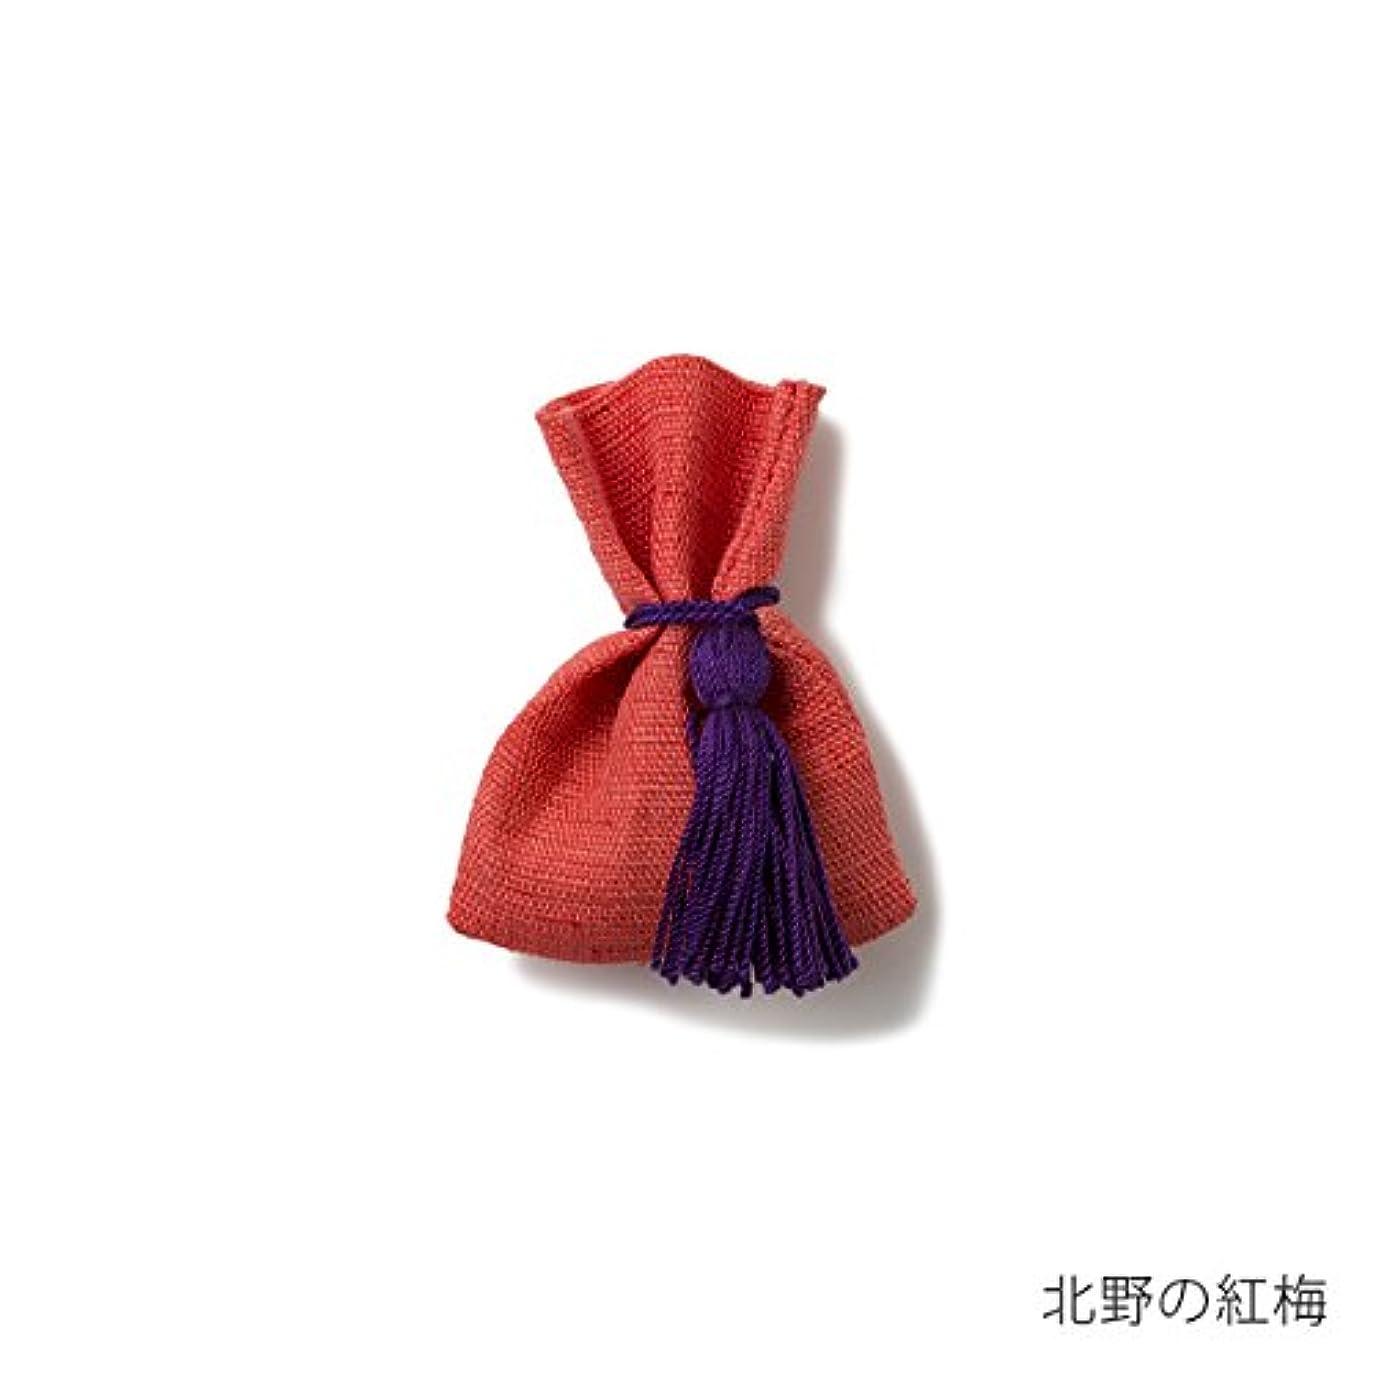 導入する女将系統的【薫玉堂】 京の香り 香袋 北野の紅梅